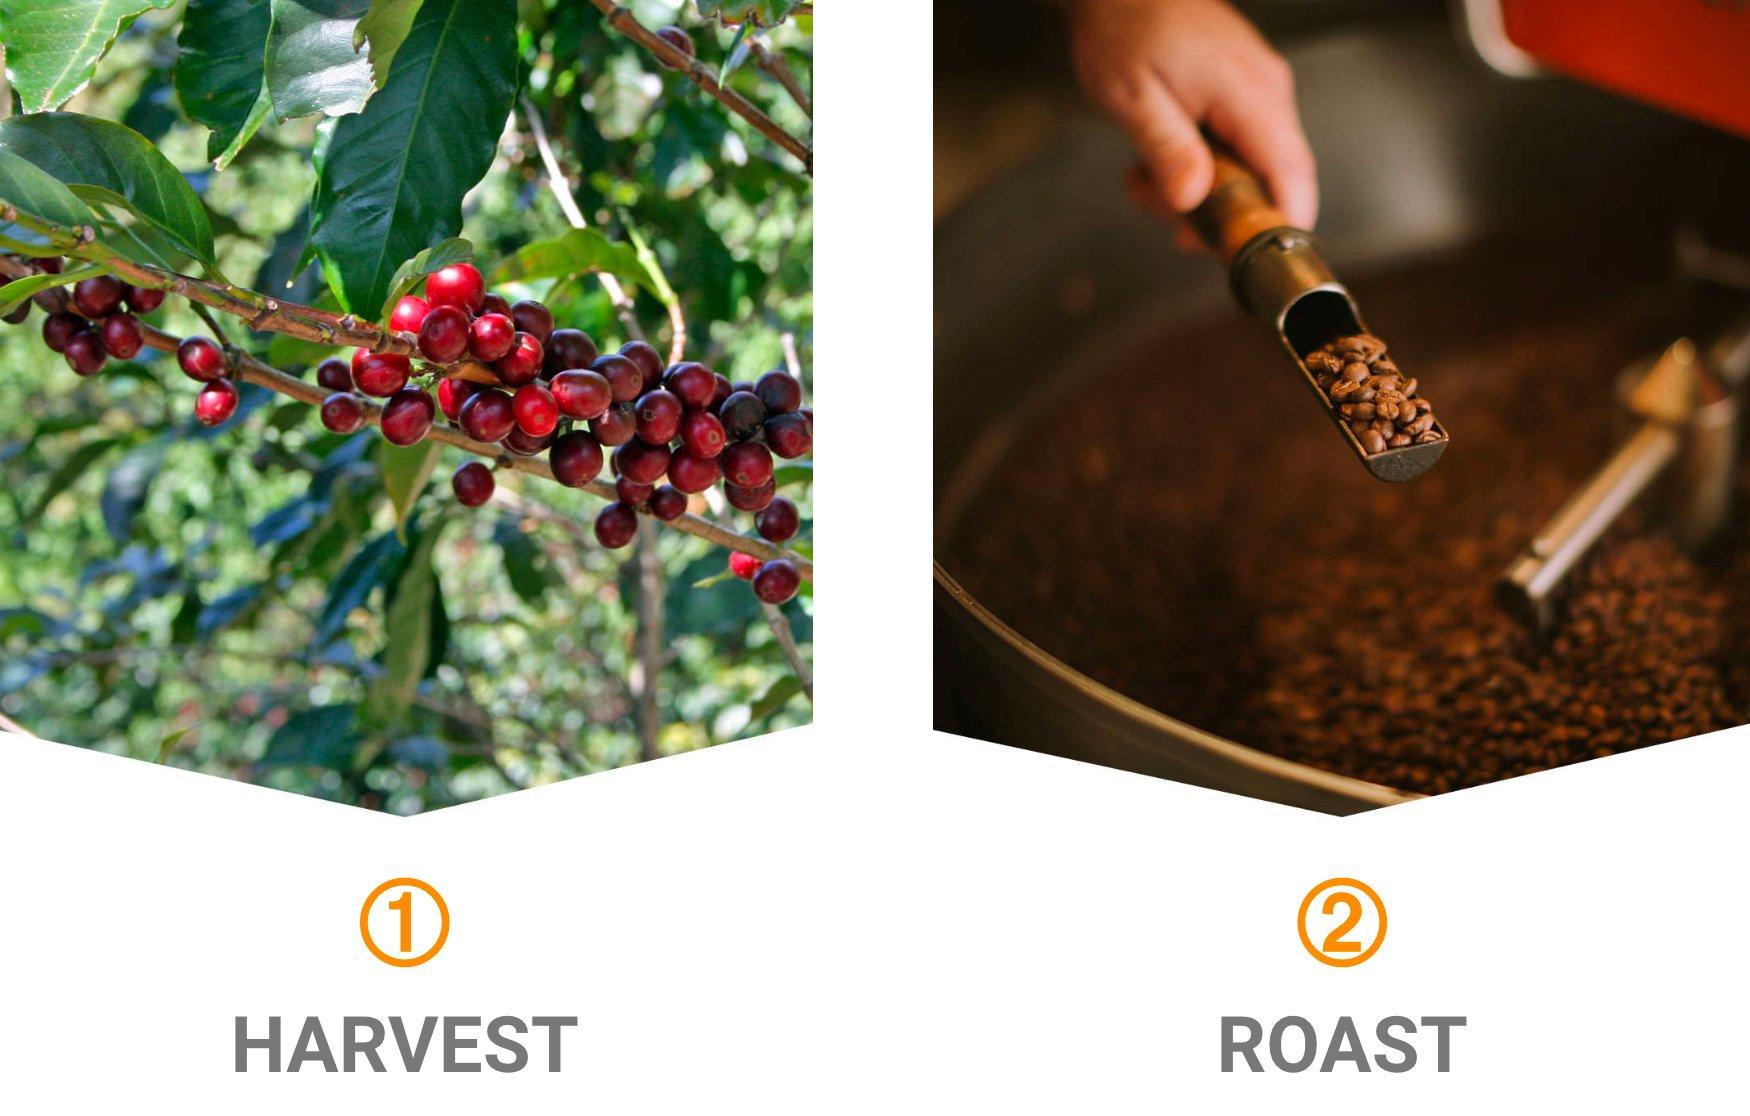 1-HARVEST 2-ROAST COFFEE CHERRIES AND ROASTED COFFEE